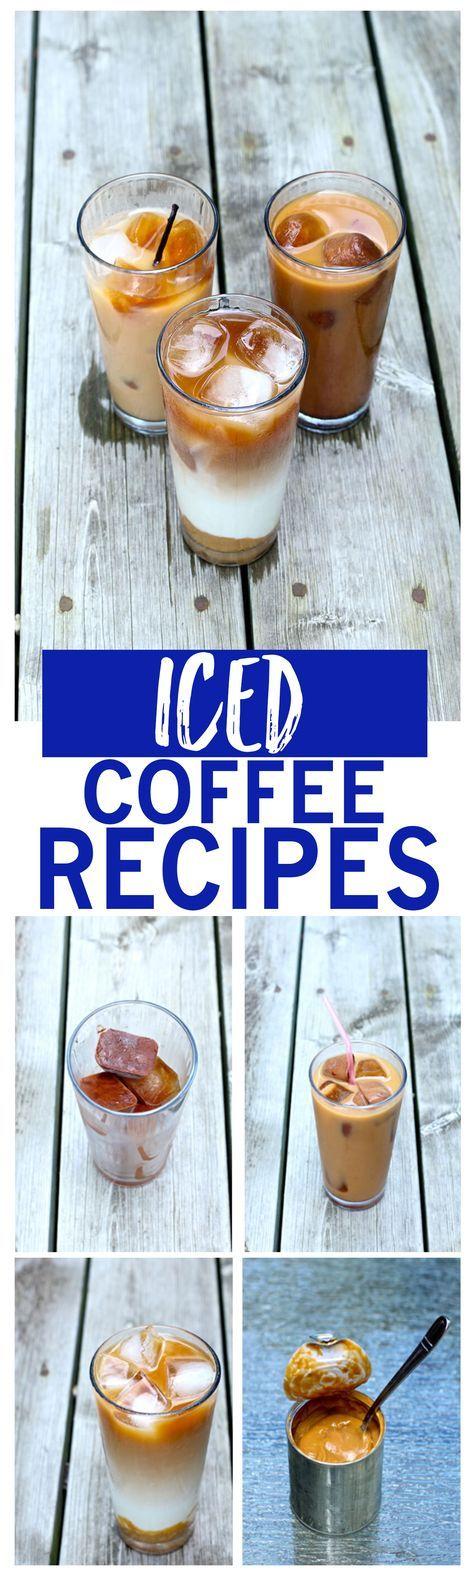 Iced Coffee Recipes: Caramel, Vanilla and Mocha